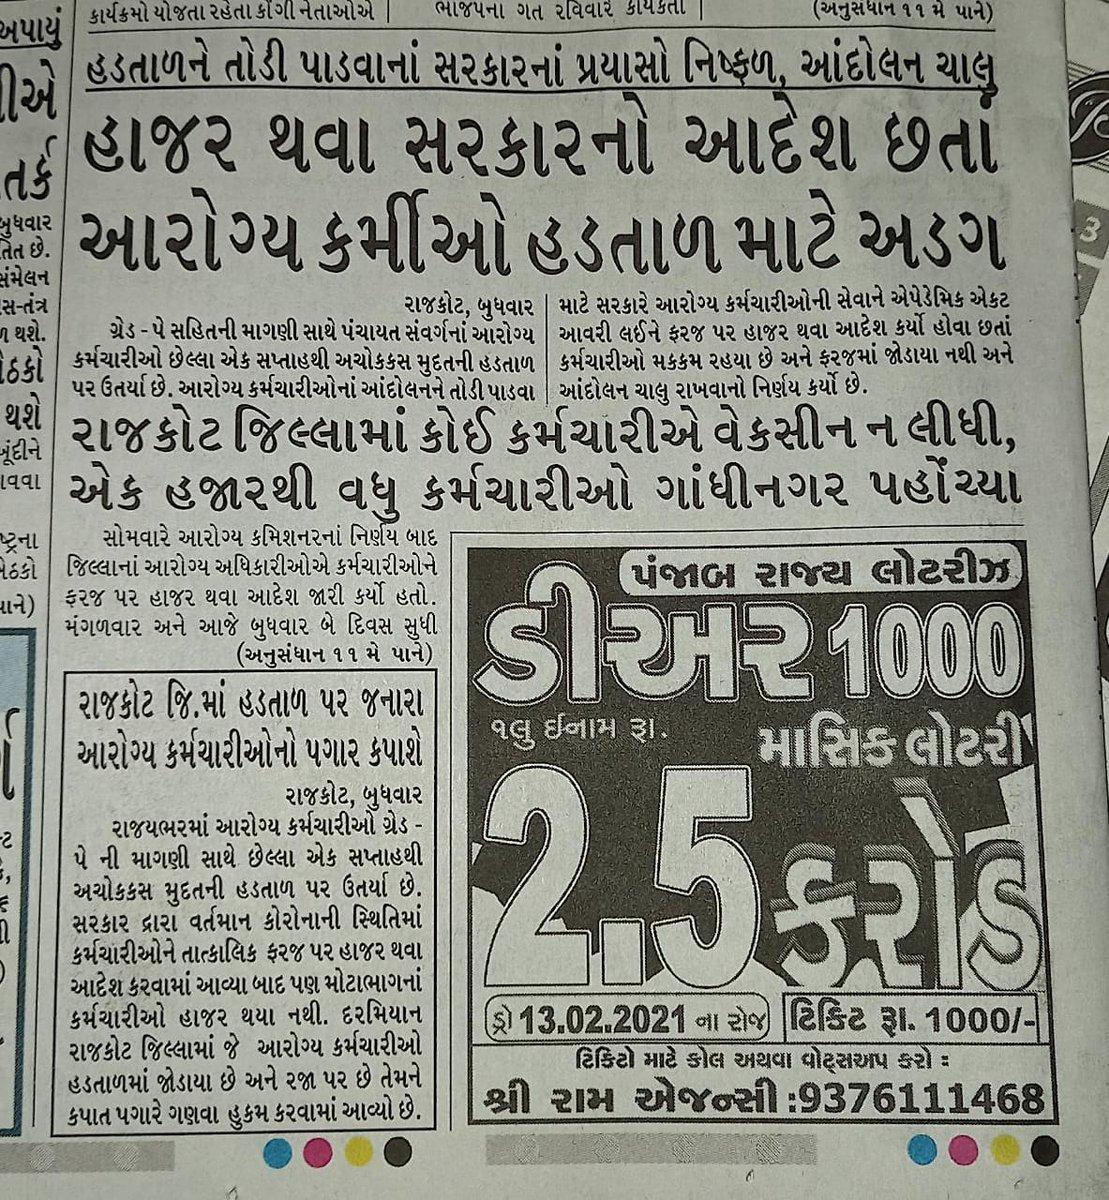 #HealthStrike_Gujarat #HealthcareHeroes #healthstrike #helthcarehero